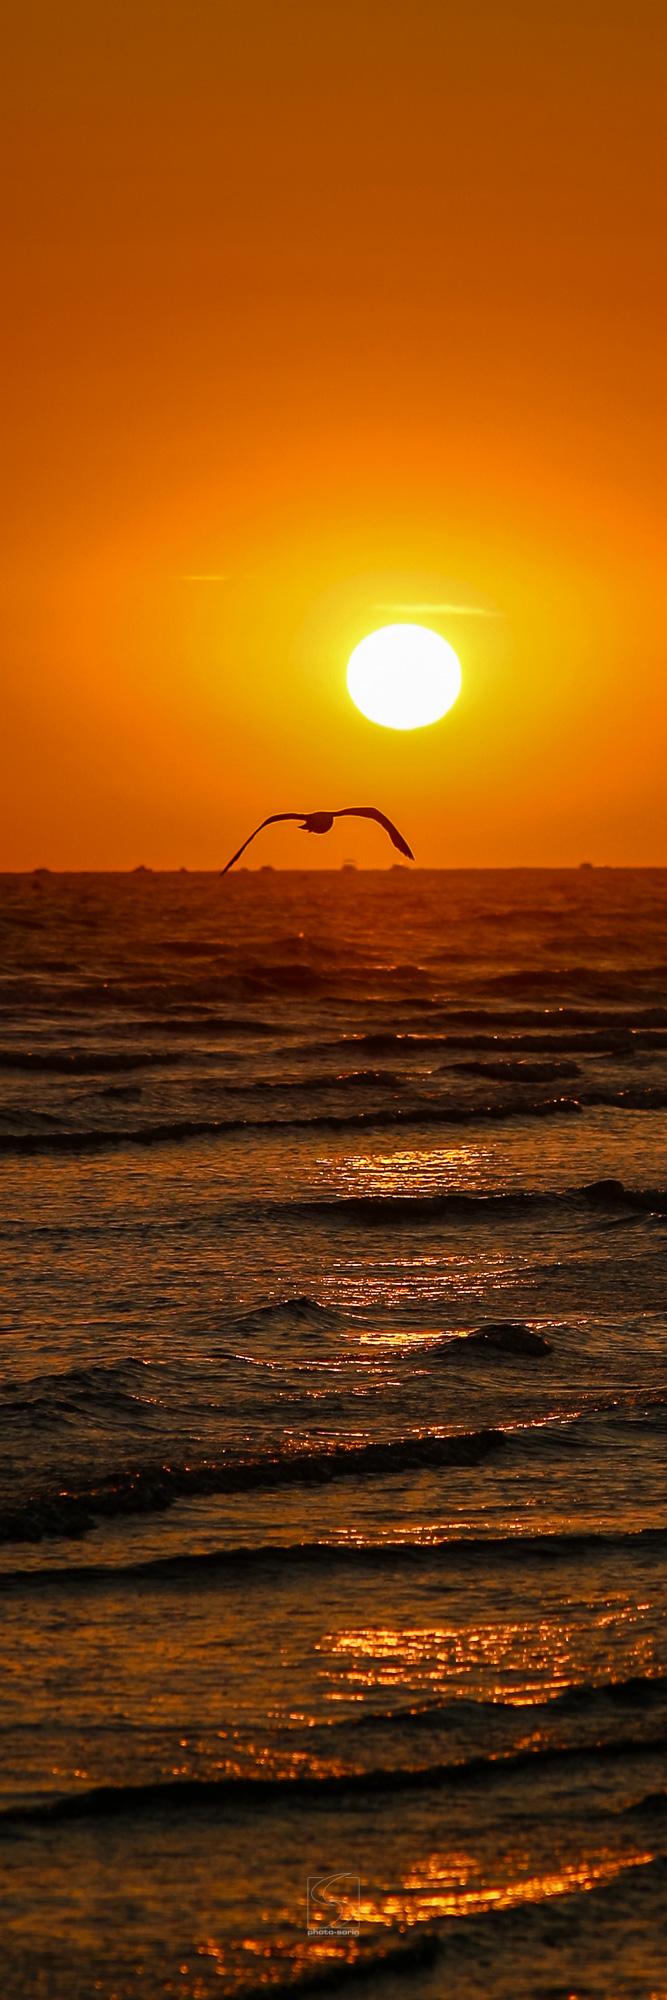 PAYSAGE-PSAL_060804-015_Coucher-de-soleil-de-soleil